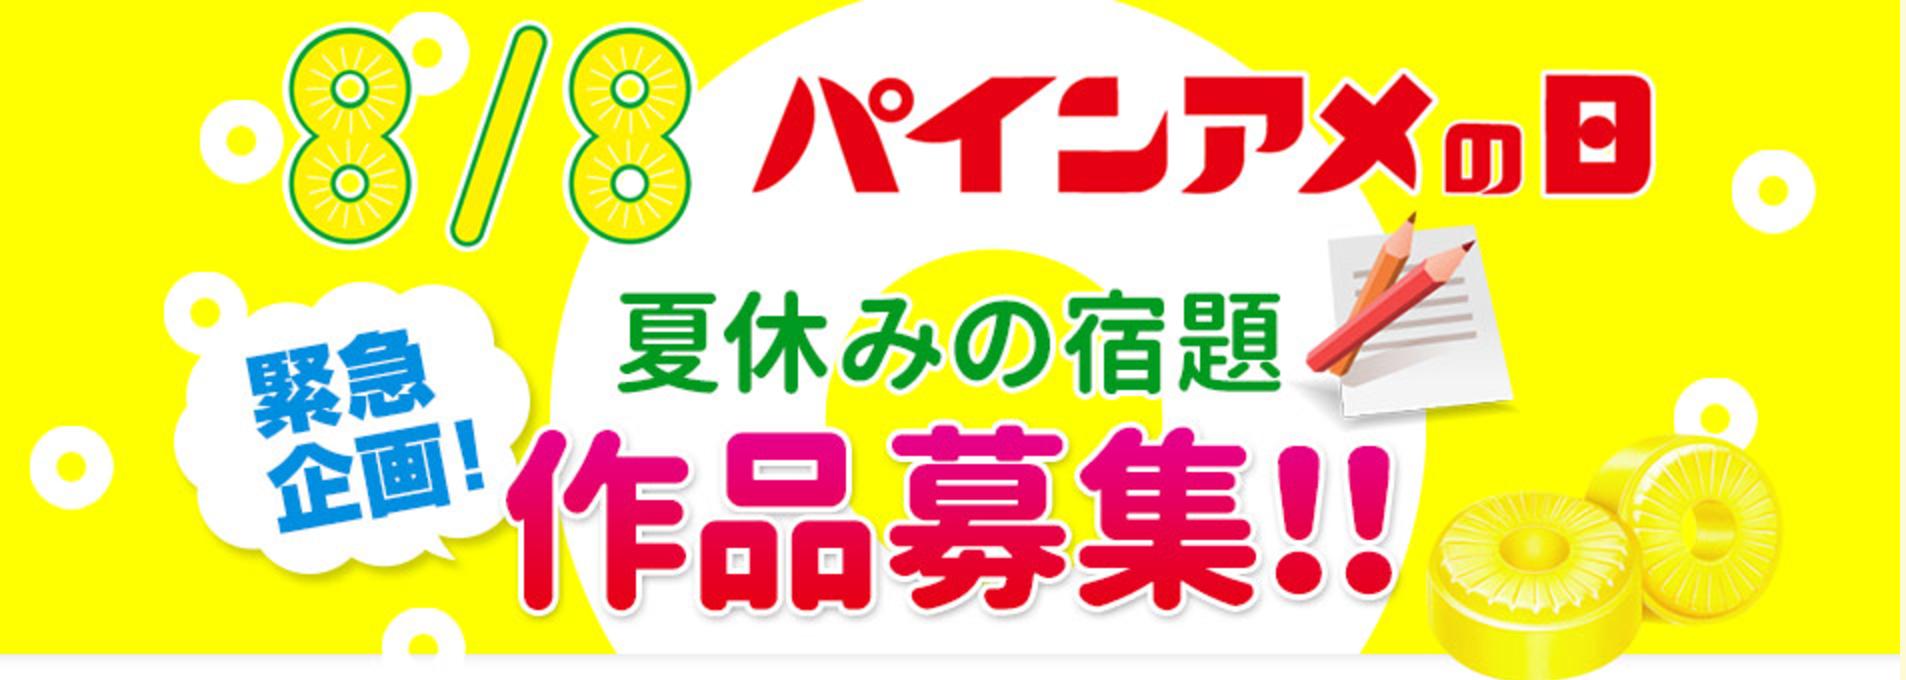 8月8日パインアメの日【夏休みの宿題】作文募集!!___パイン株式会社.png